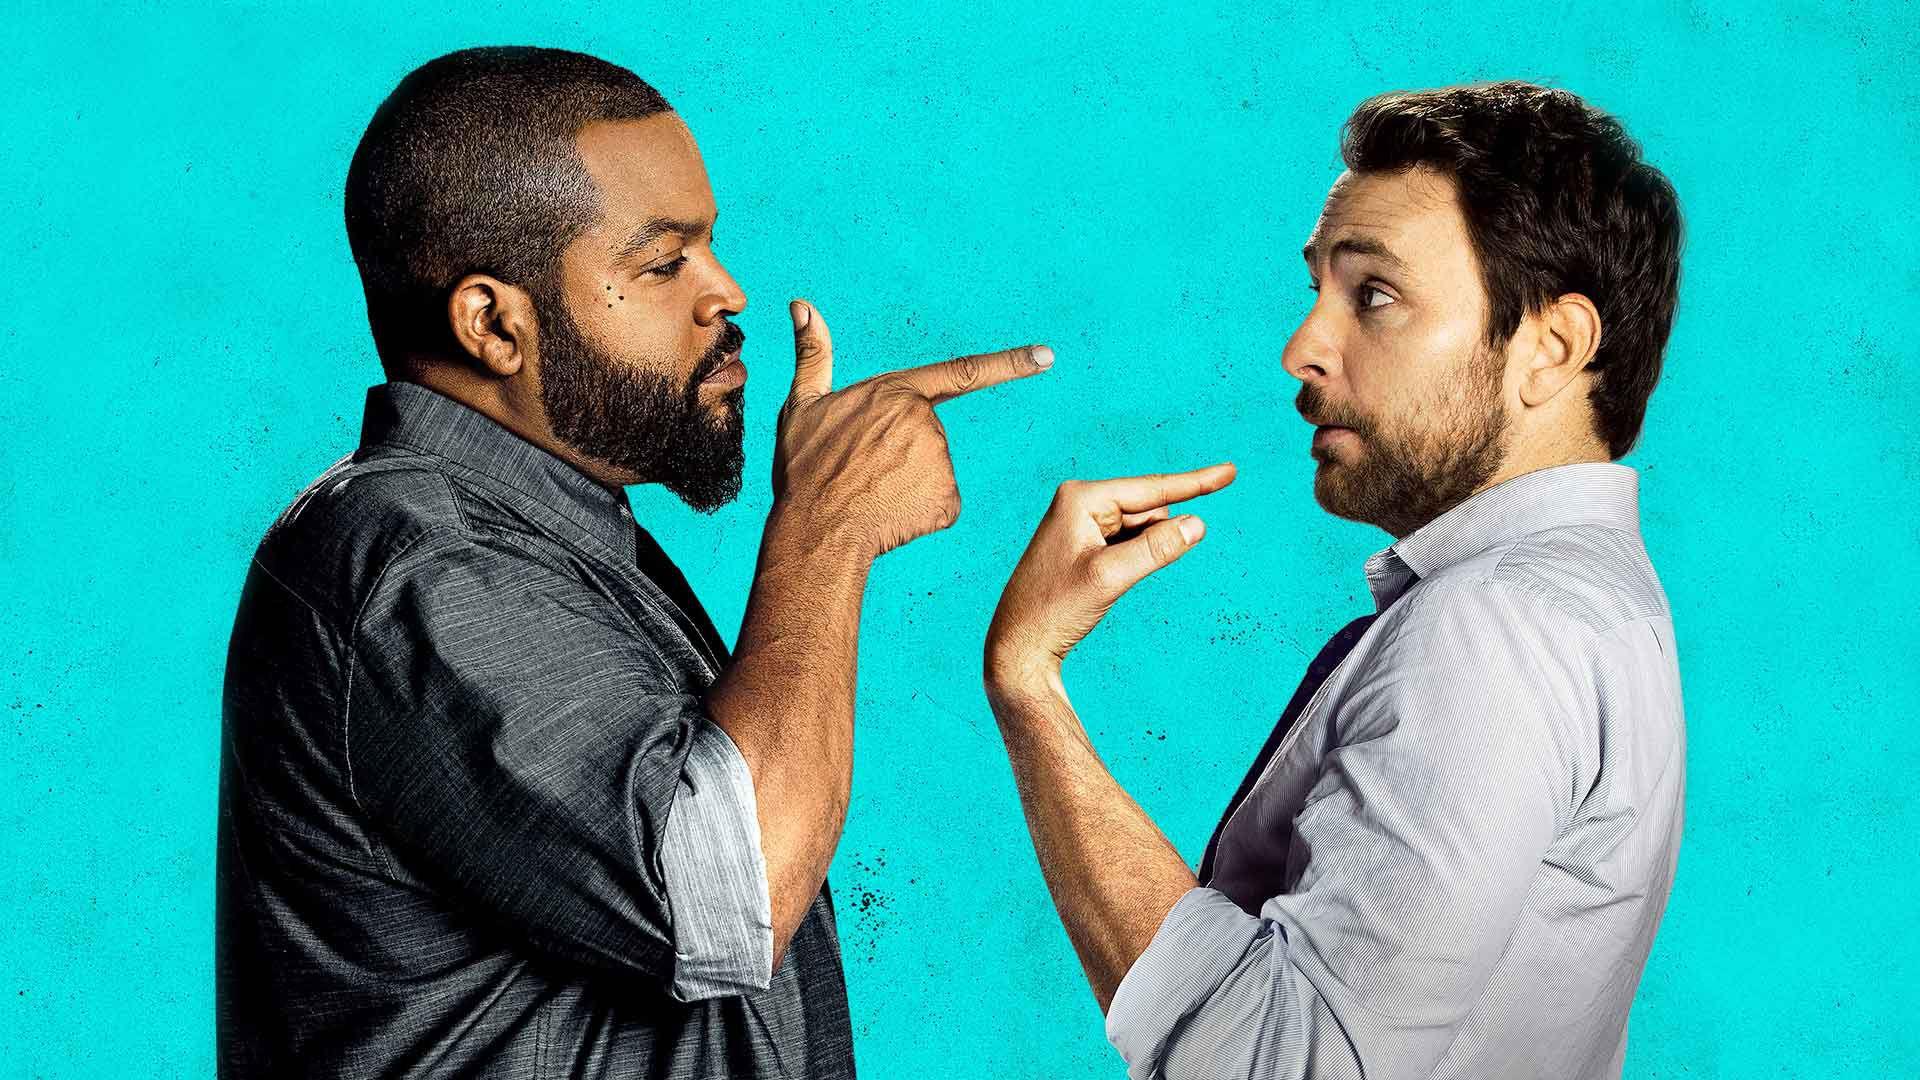 Botte da Prof., la recensione del film con Charlie Day e Ice Cube